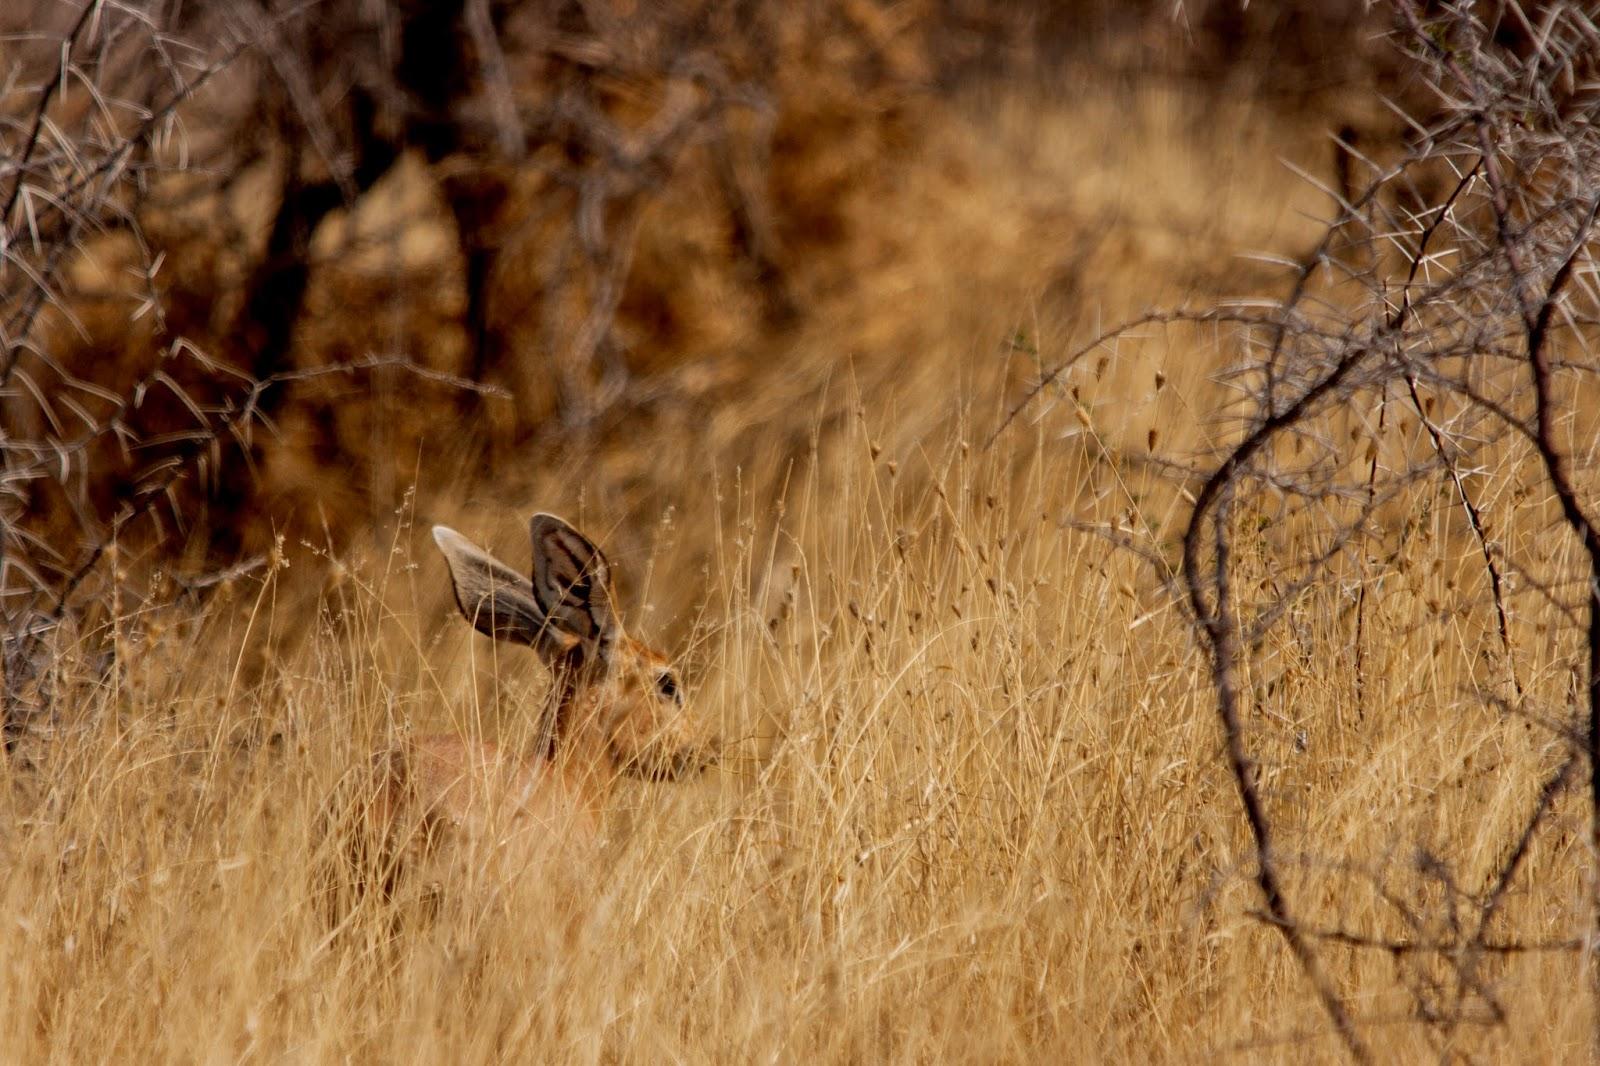 steenbok etosha namibia